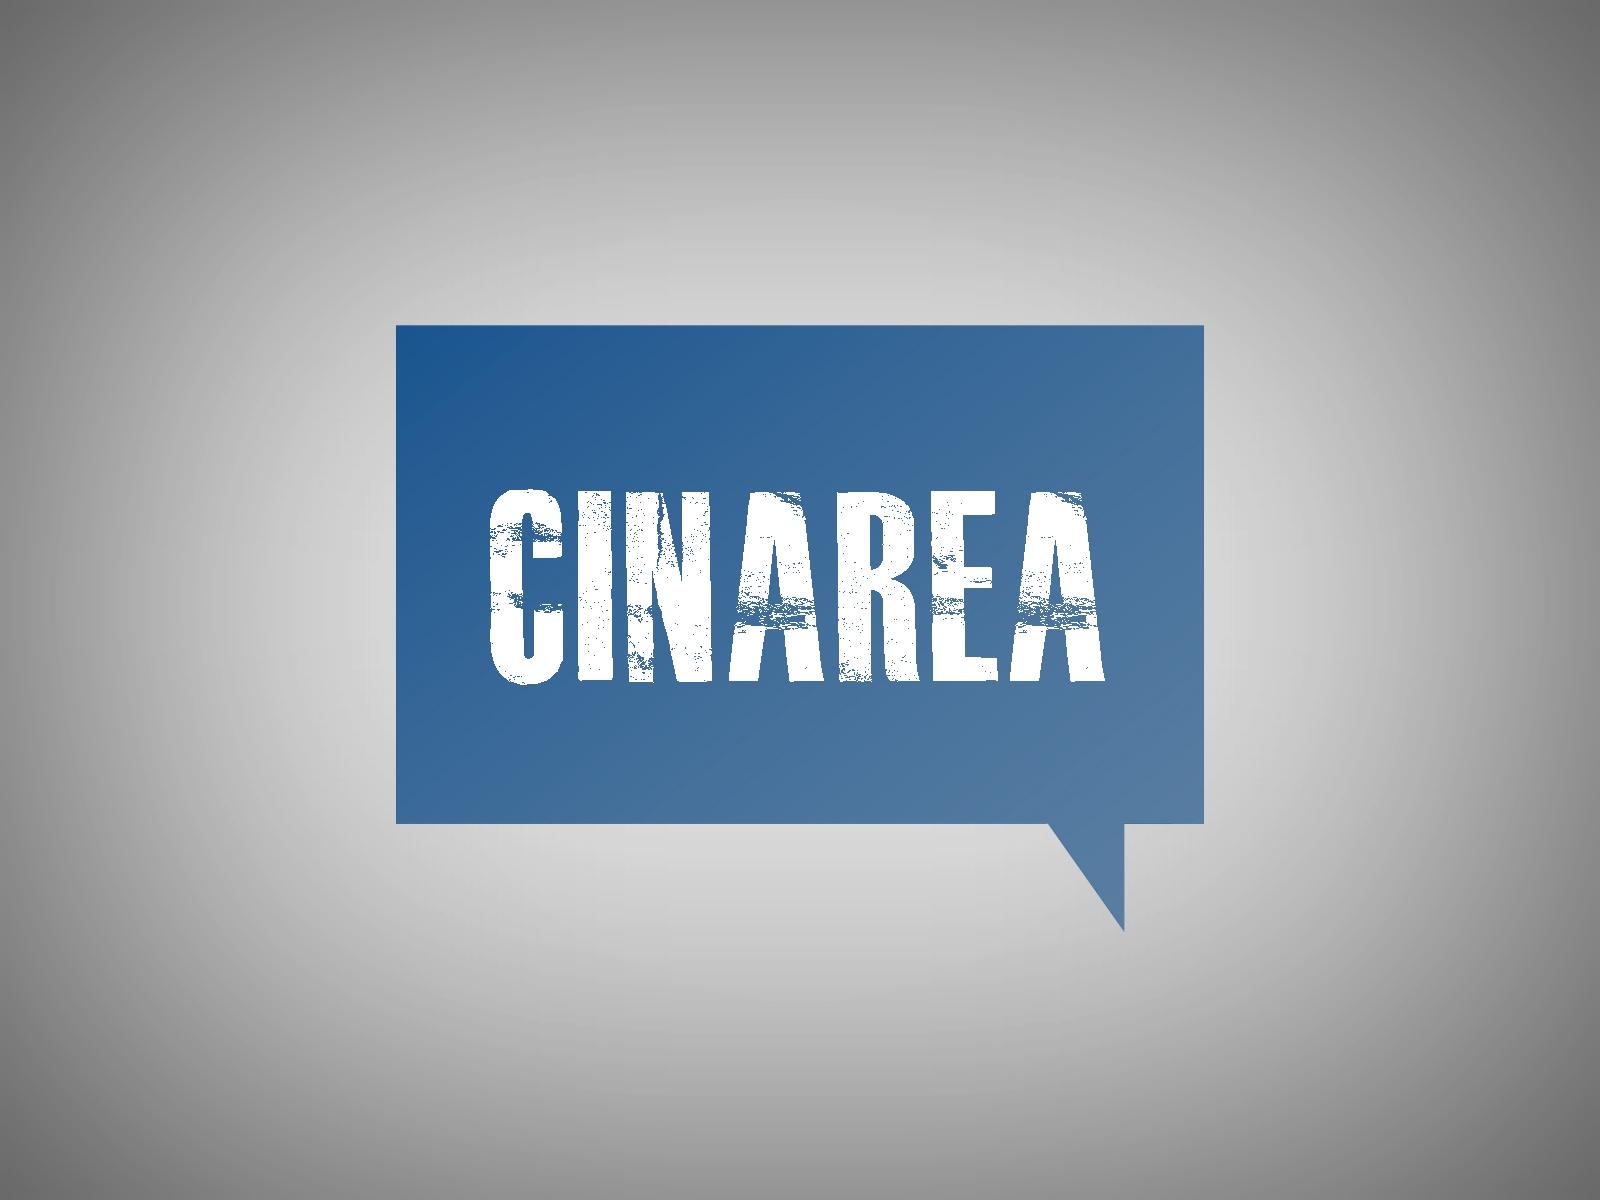 CinArea